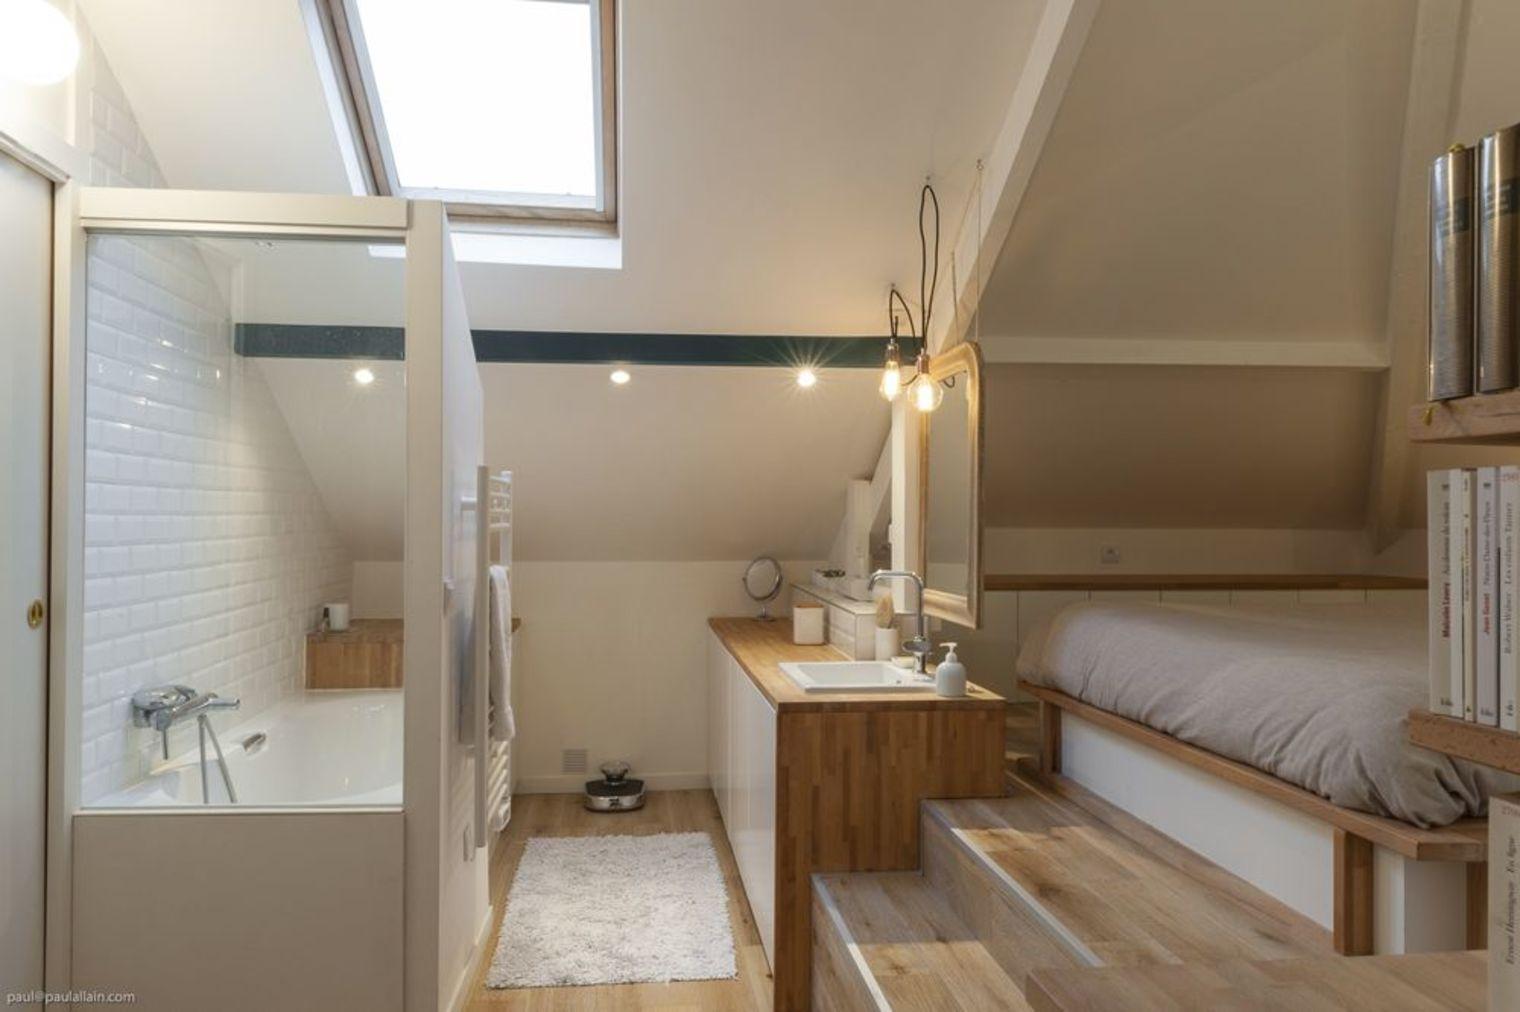 Une chambre avec salle de bains sous combles maison pinterest combles salle de bains et salle - Deco chambre comble ...